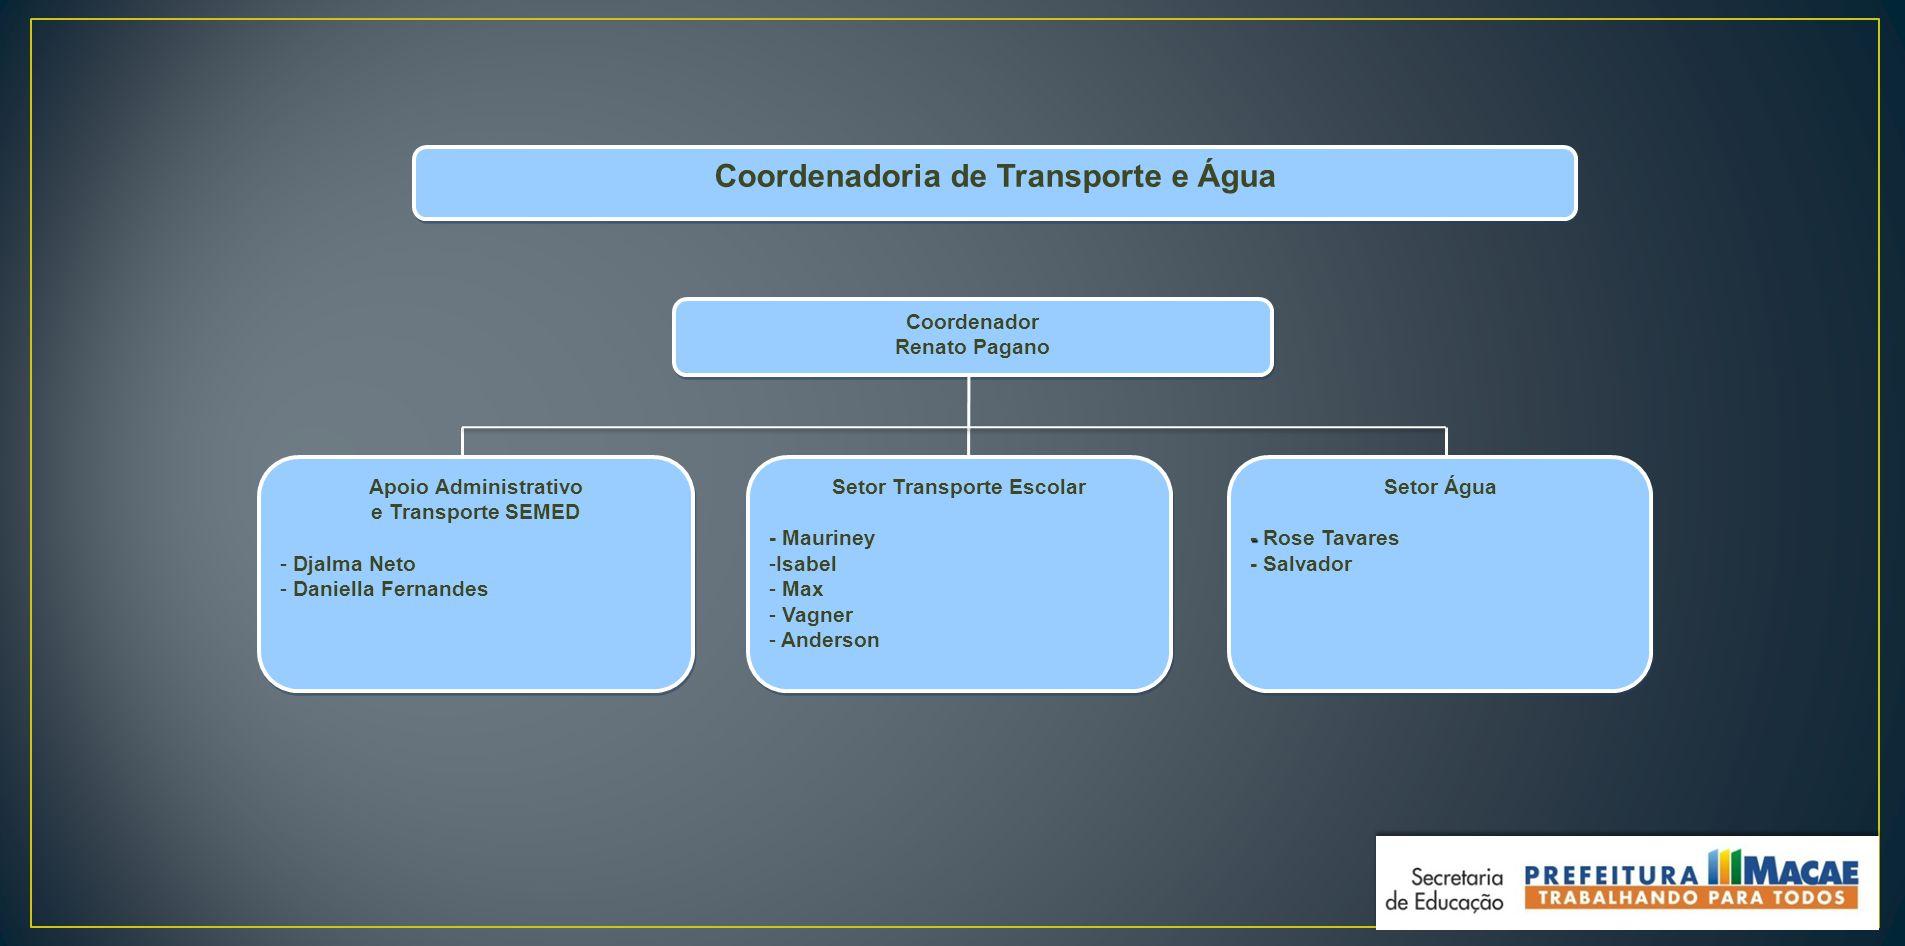 Coordenadoria de Transporte e Água Setor Água - - Rose Tavares - Salvador Setor Água - - Rose Tavares - Salvador Setor Transporte Escolar - Mauriney -